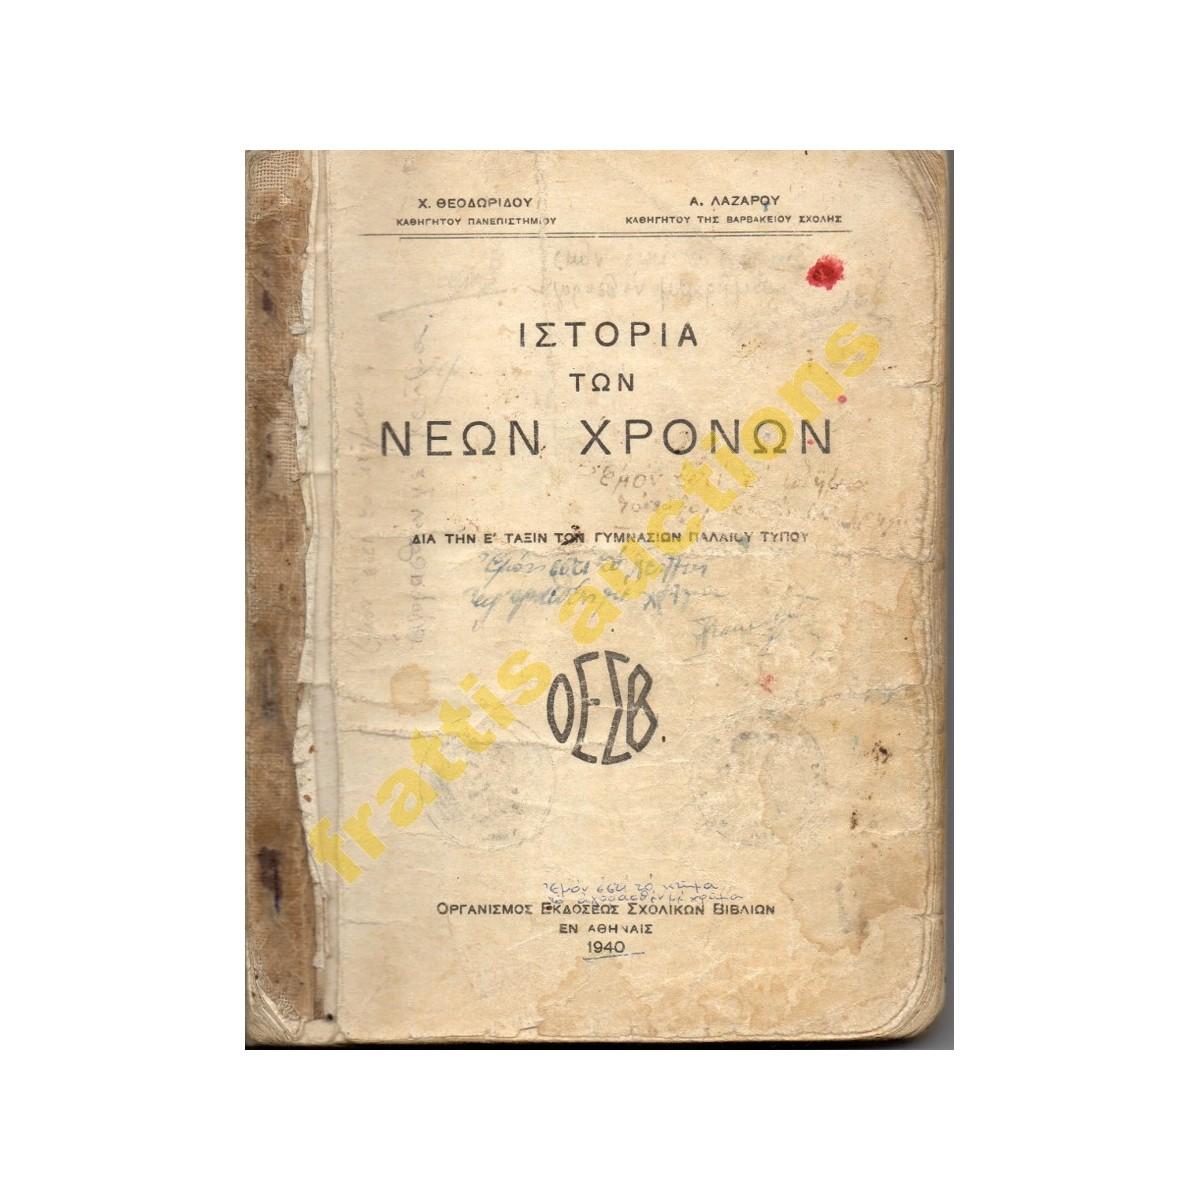 Ιστορία των Νέων Χρόνων, ΟΕΣΒ 1940. Ε΄γυμνασίου παλαιού τύπου..